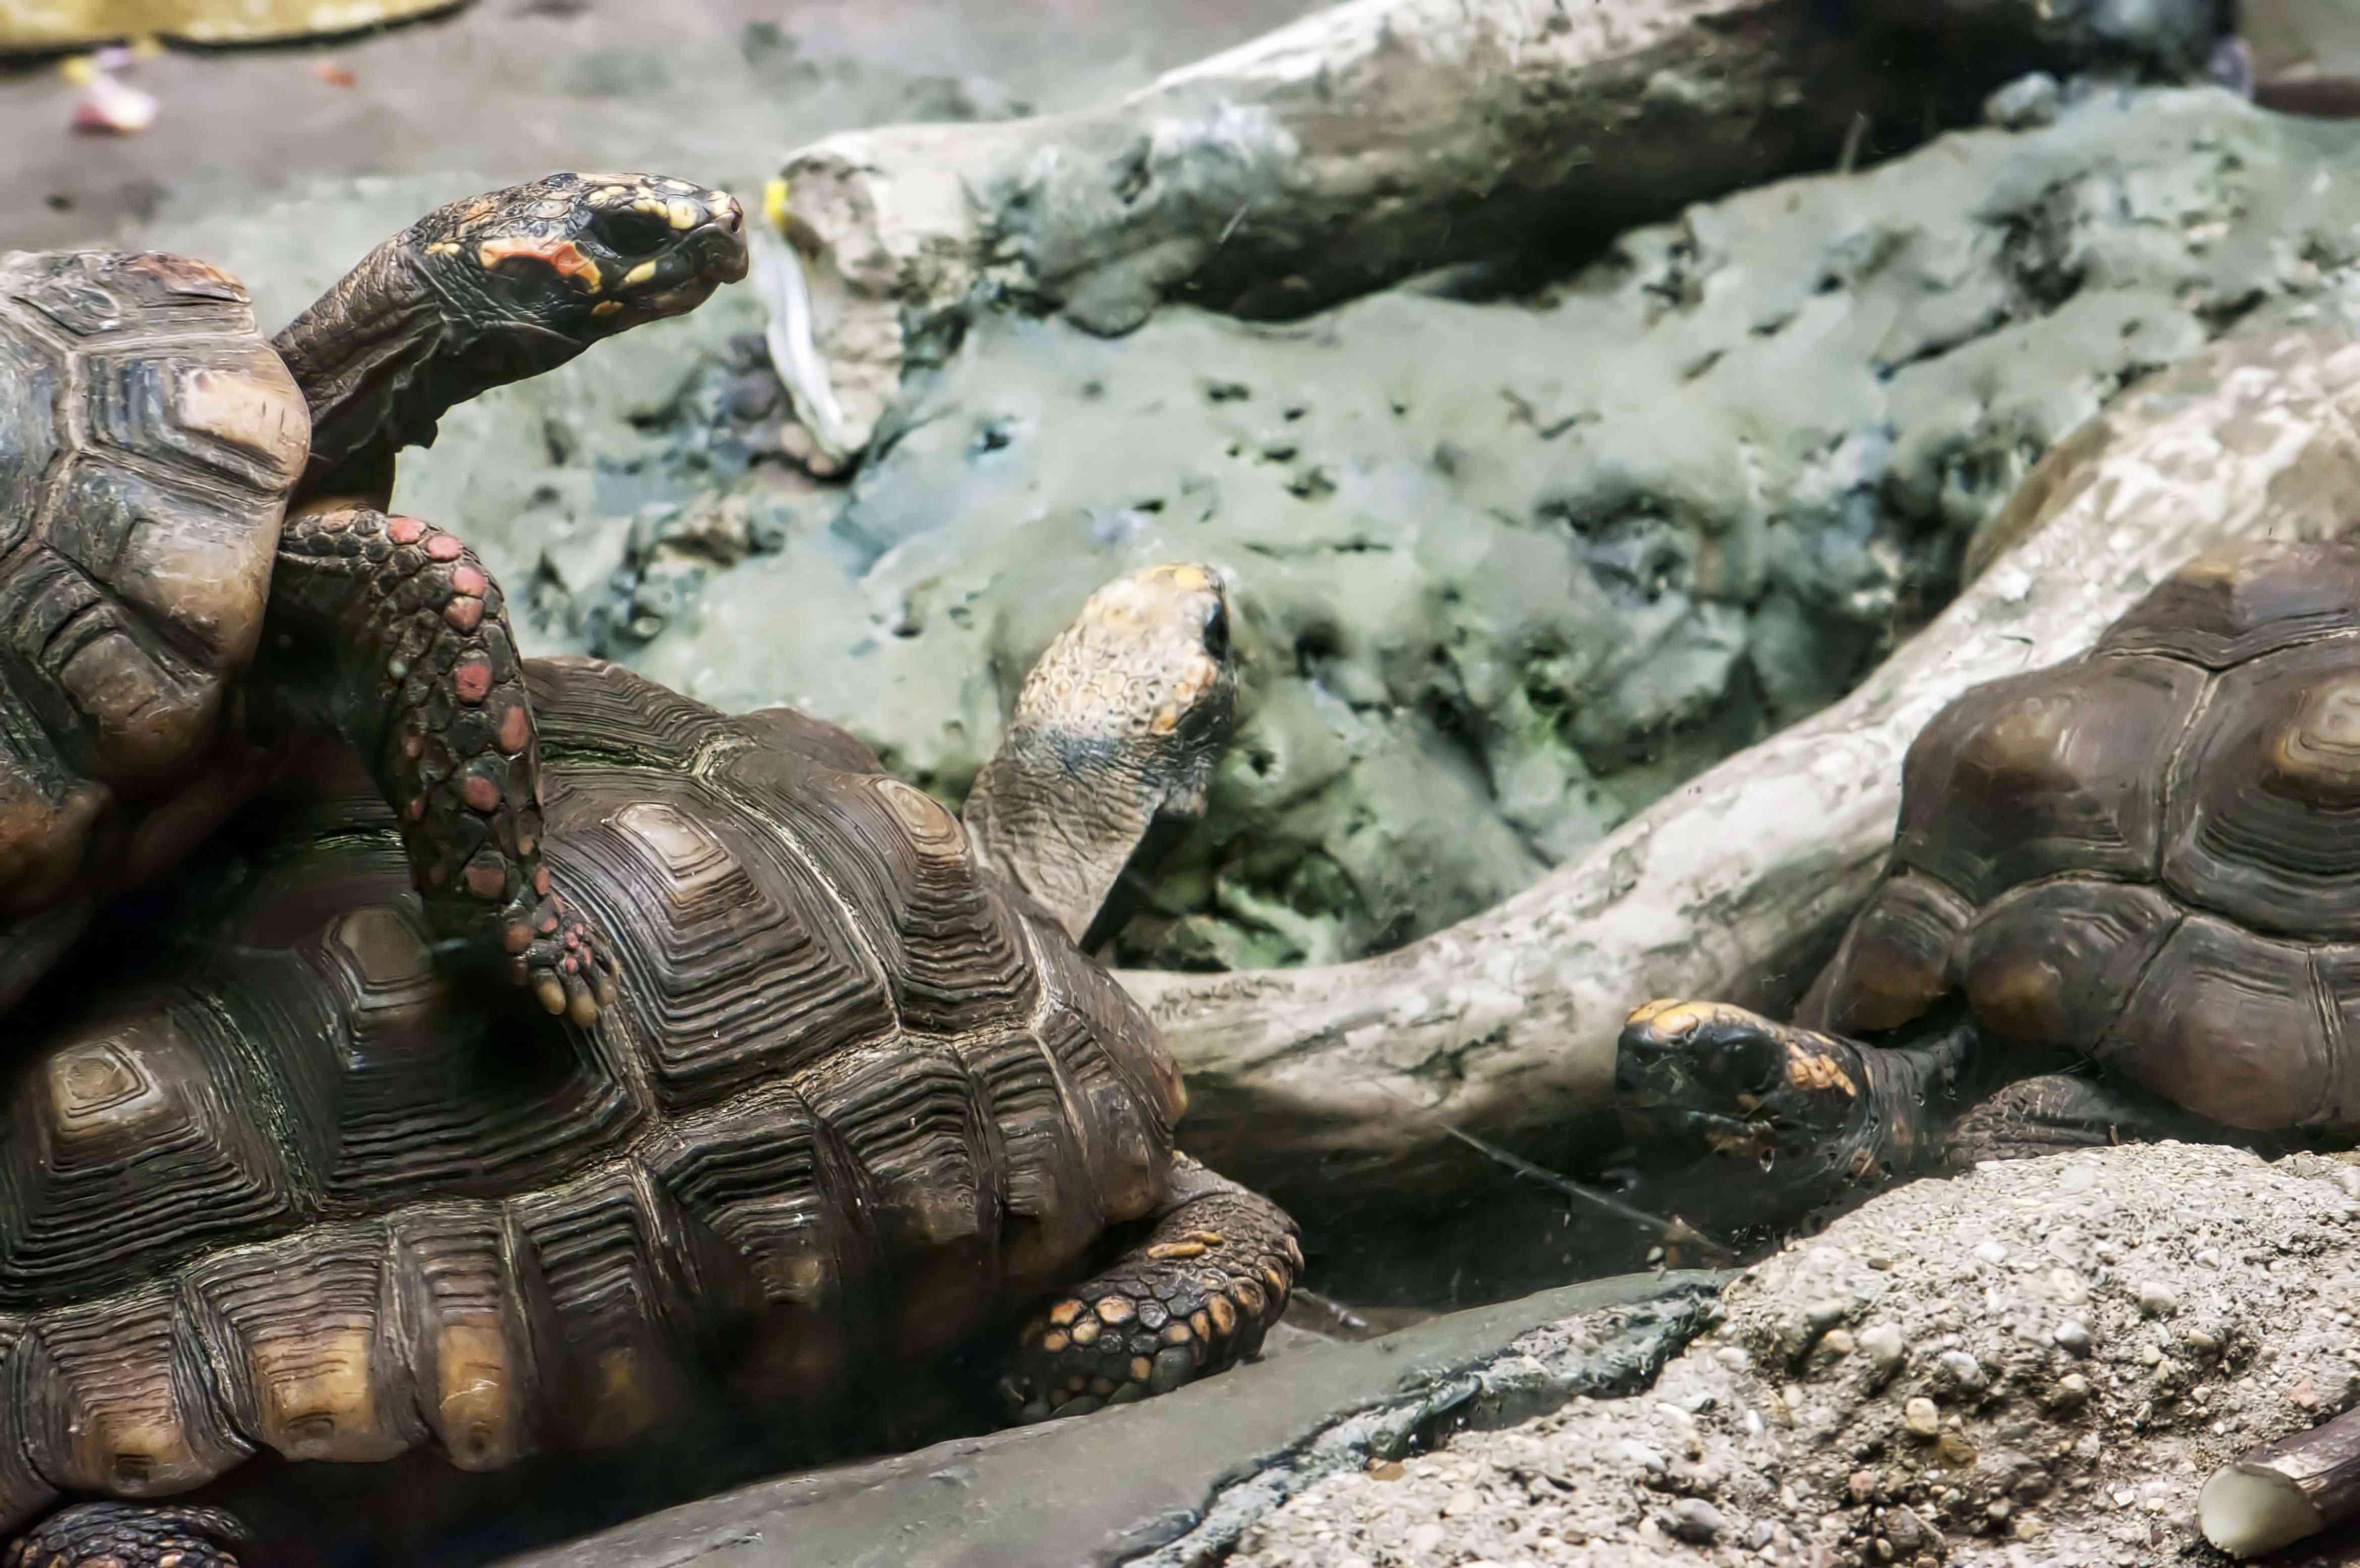 Turtles at the Shedd Aquarium